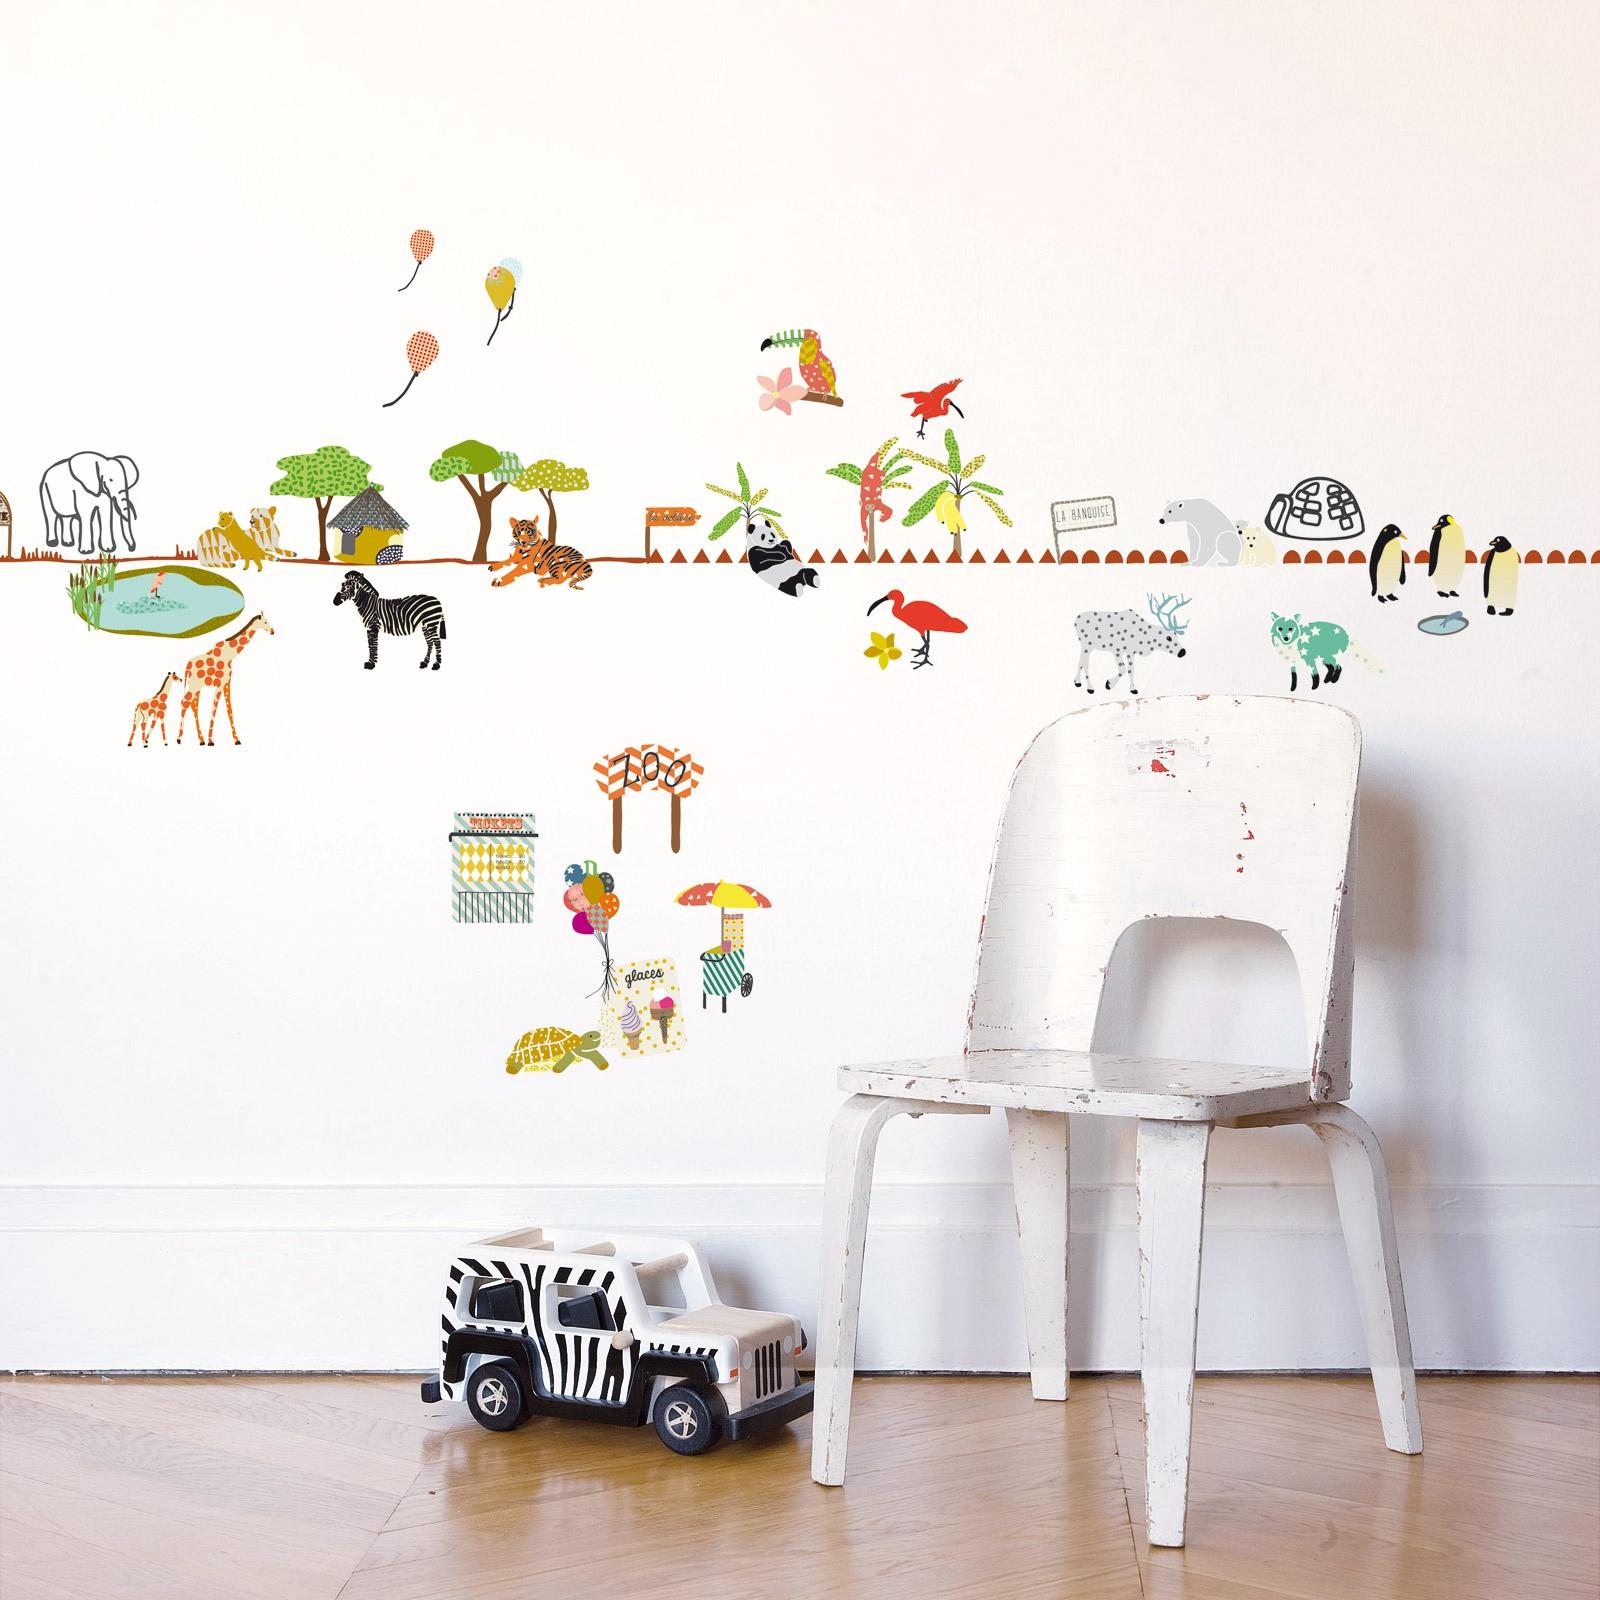 stickers nounours chambre bb nounours fleur lampe et stickers toise ourson et ballons merci. Black Bedroom Furniture Sets. Home Design Ideas